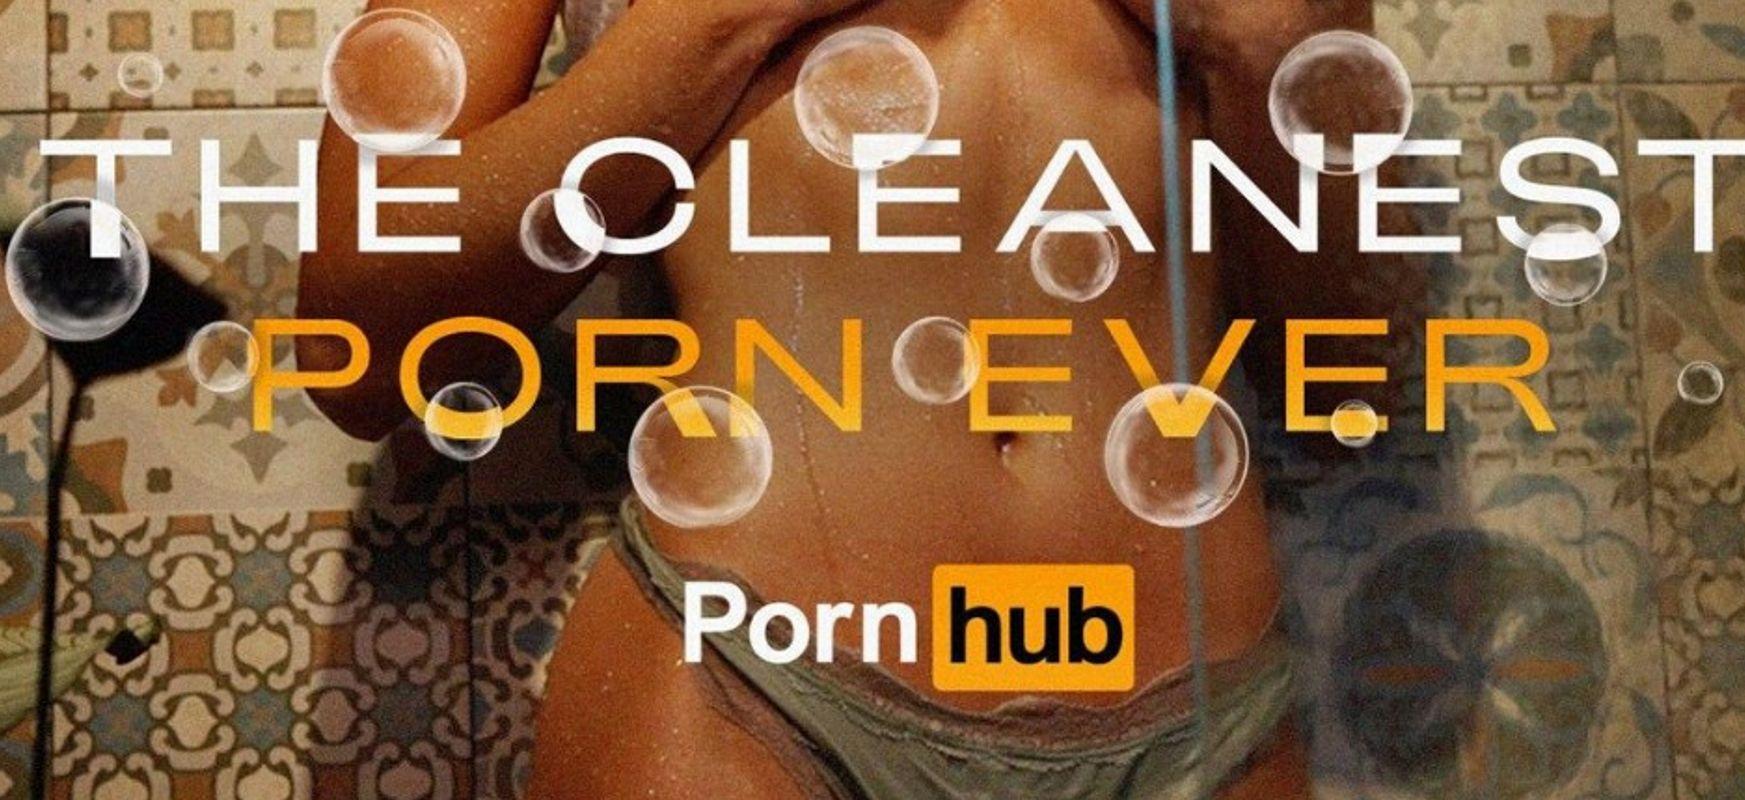 Munduko historiako pornorik garbiena.  Pornhubek koronavirusak ahal duen neurrian borrokatzen du